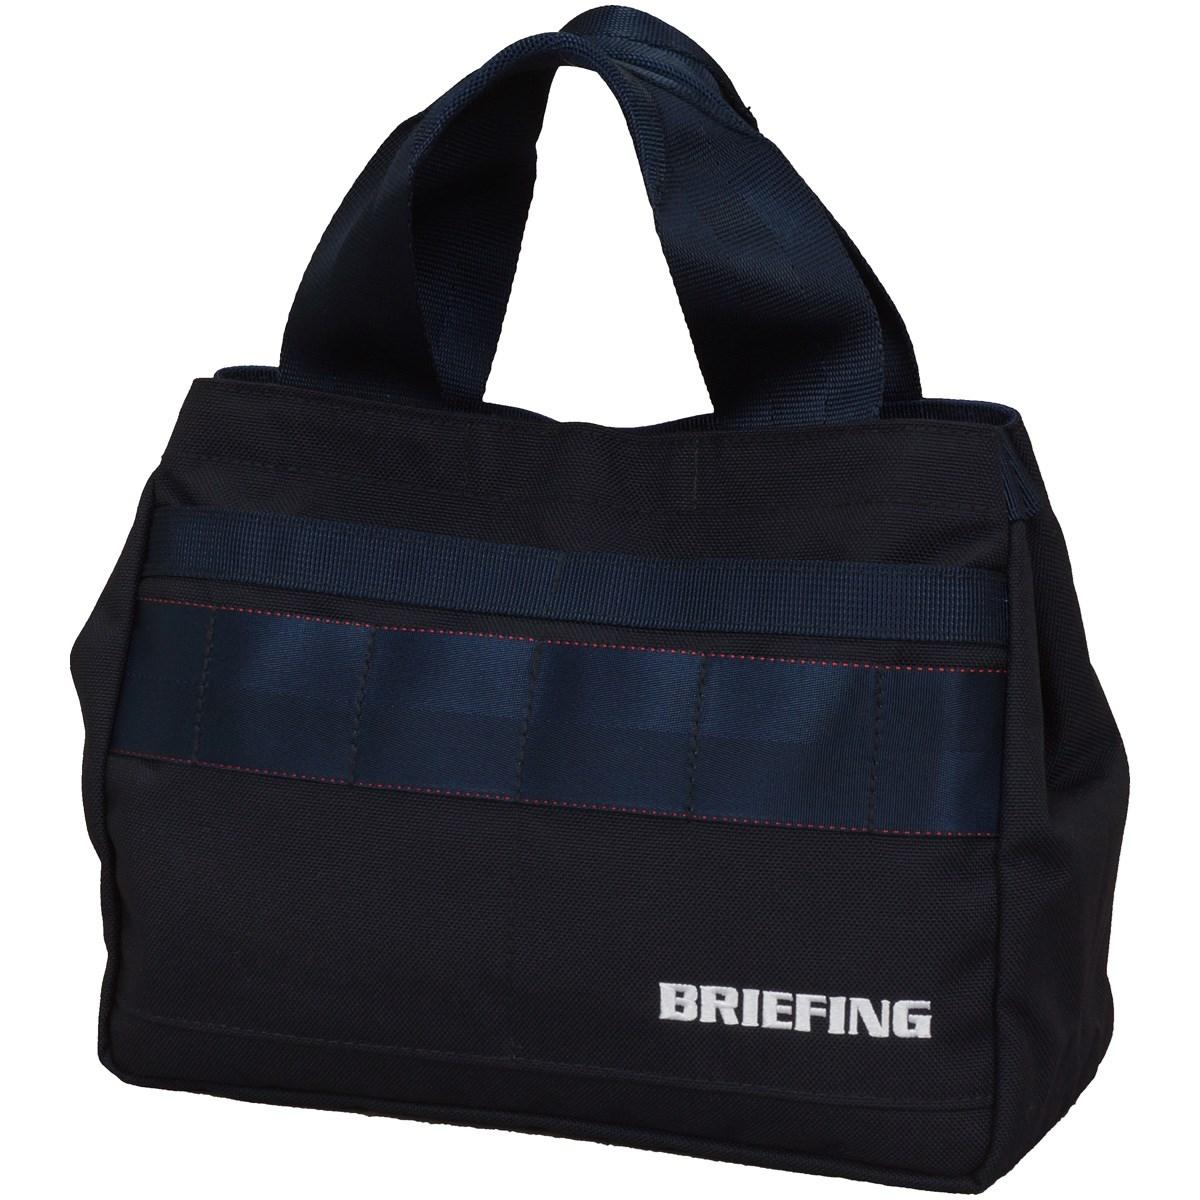 ブリーフィング BRIEFING ミニトートバッグ ネイビー